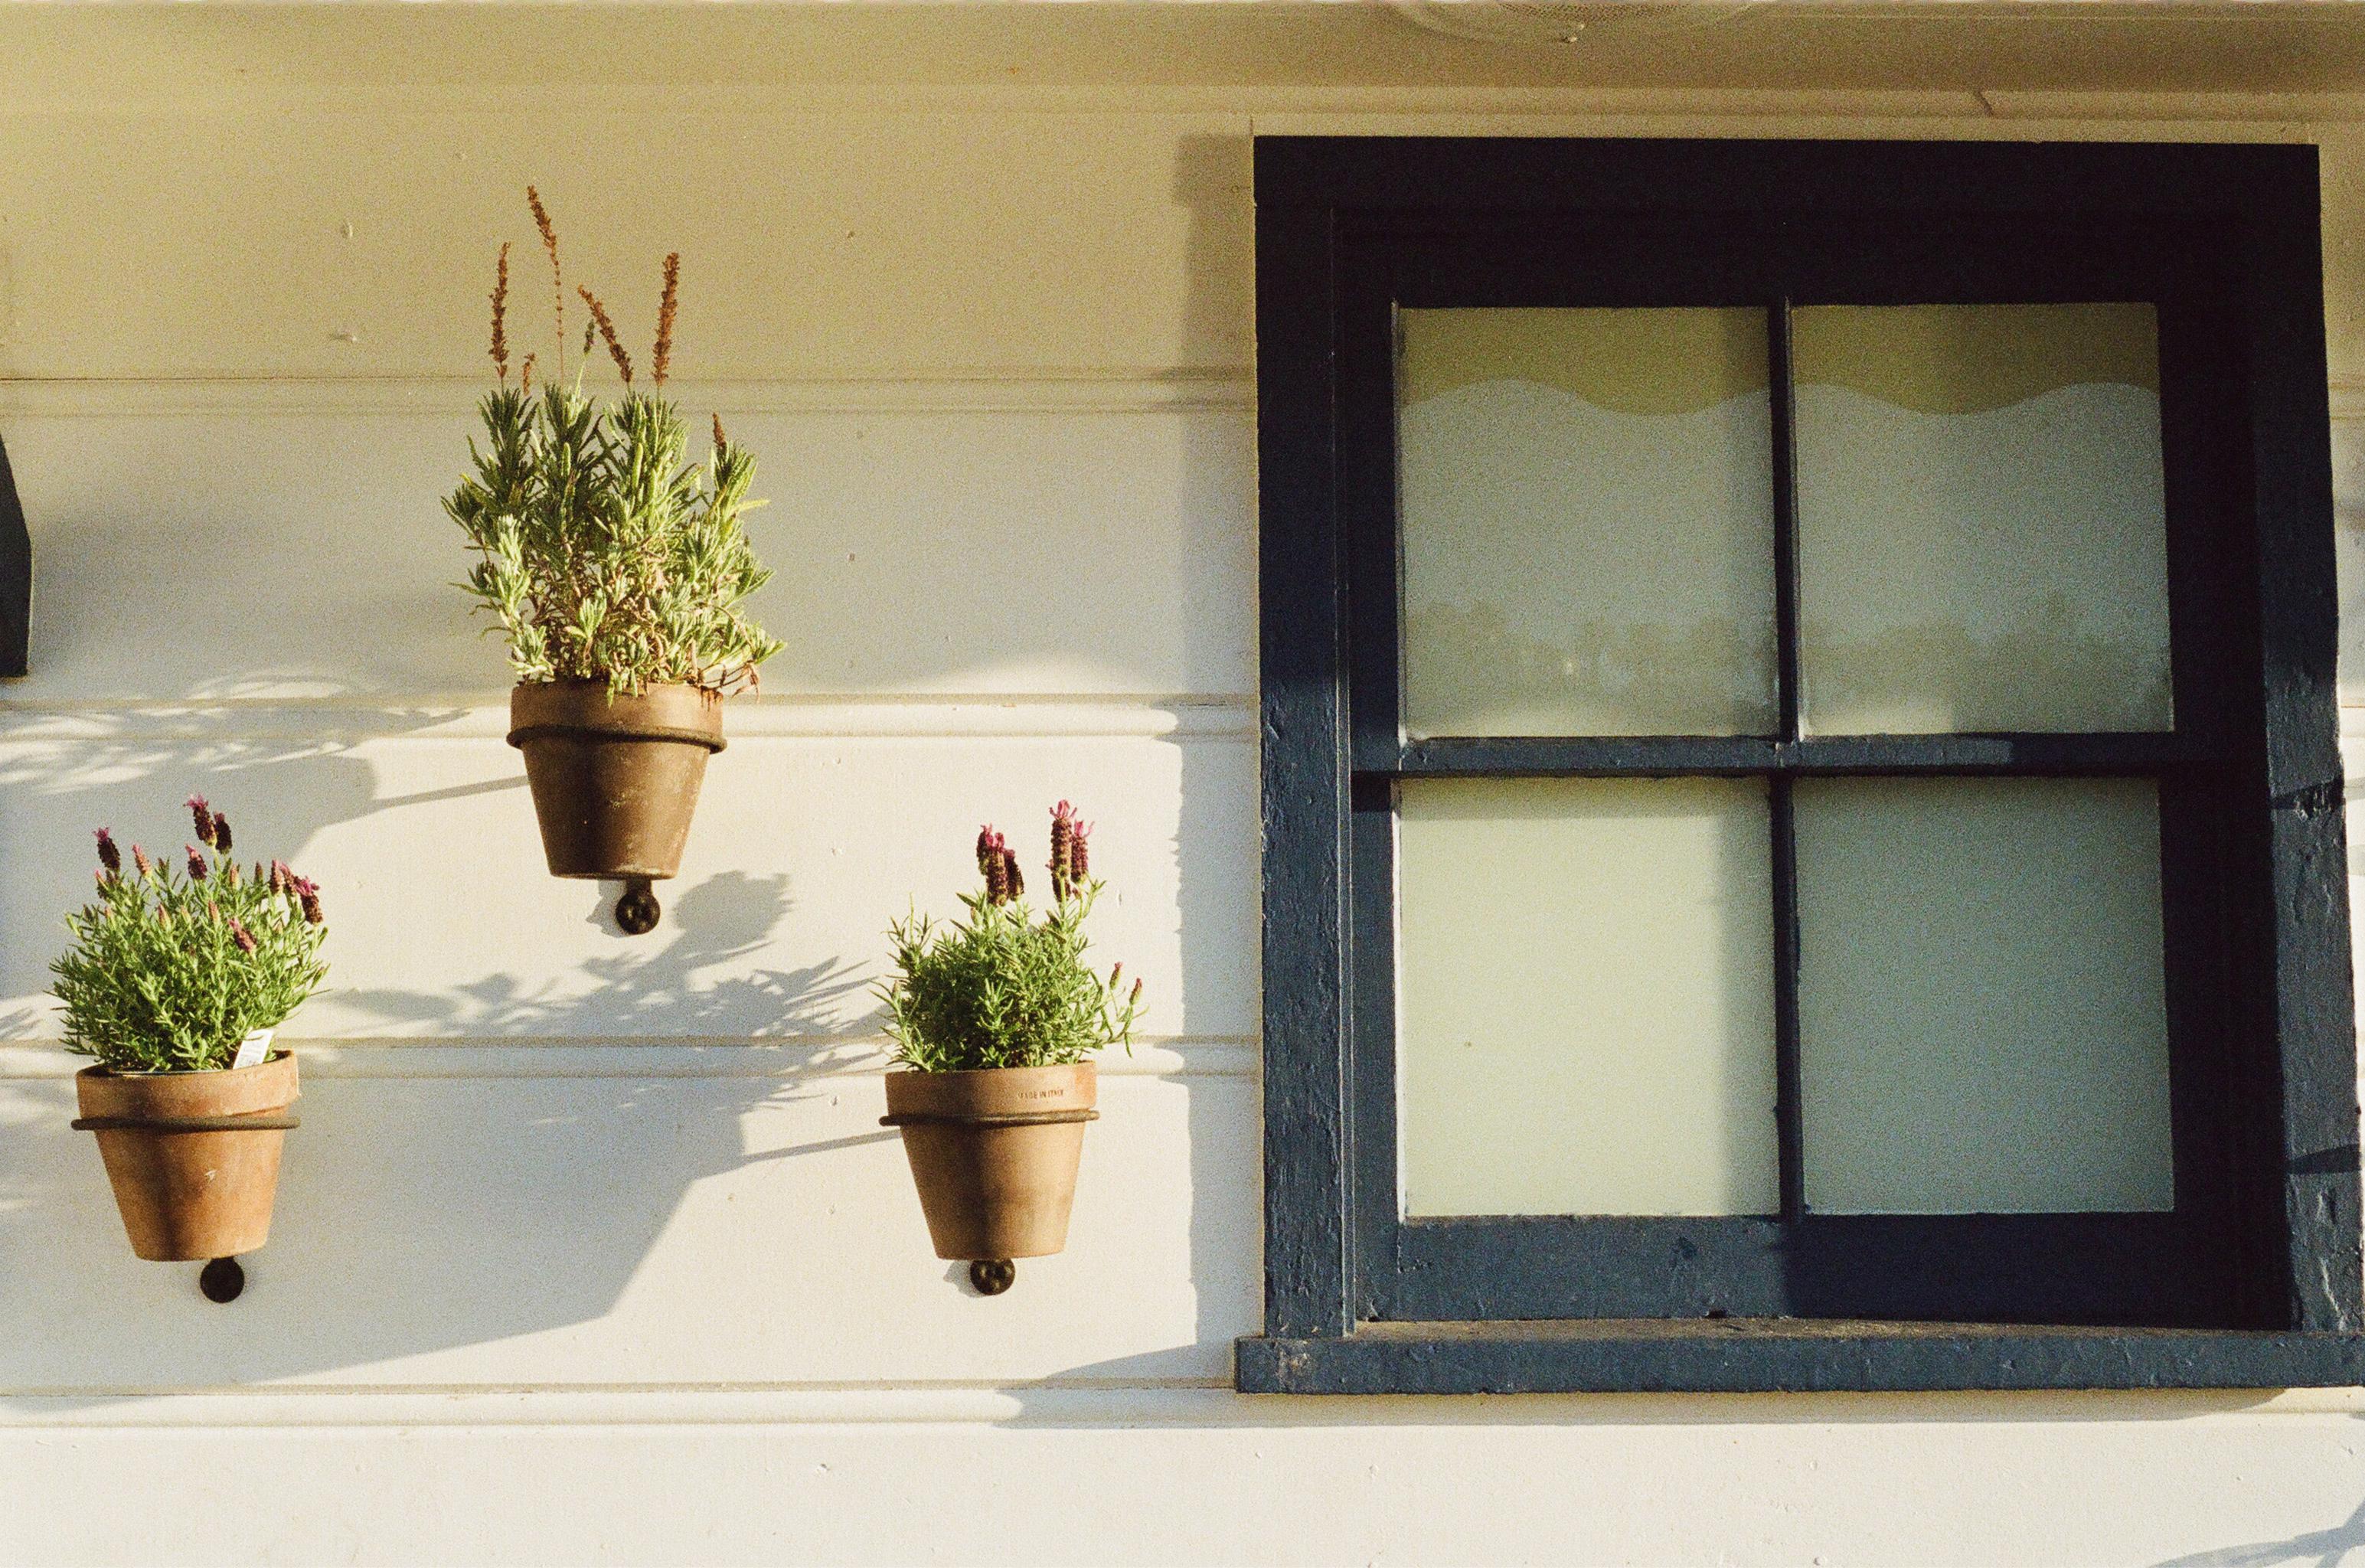 Janela de madeira preta em parede branca com 3 vasos de flores suspensos